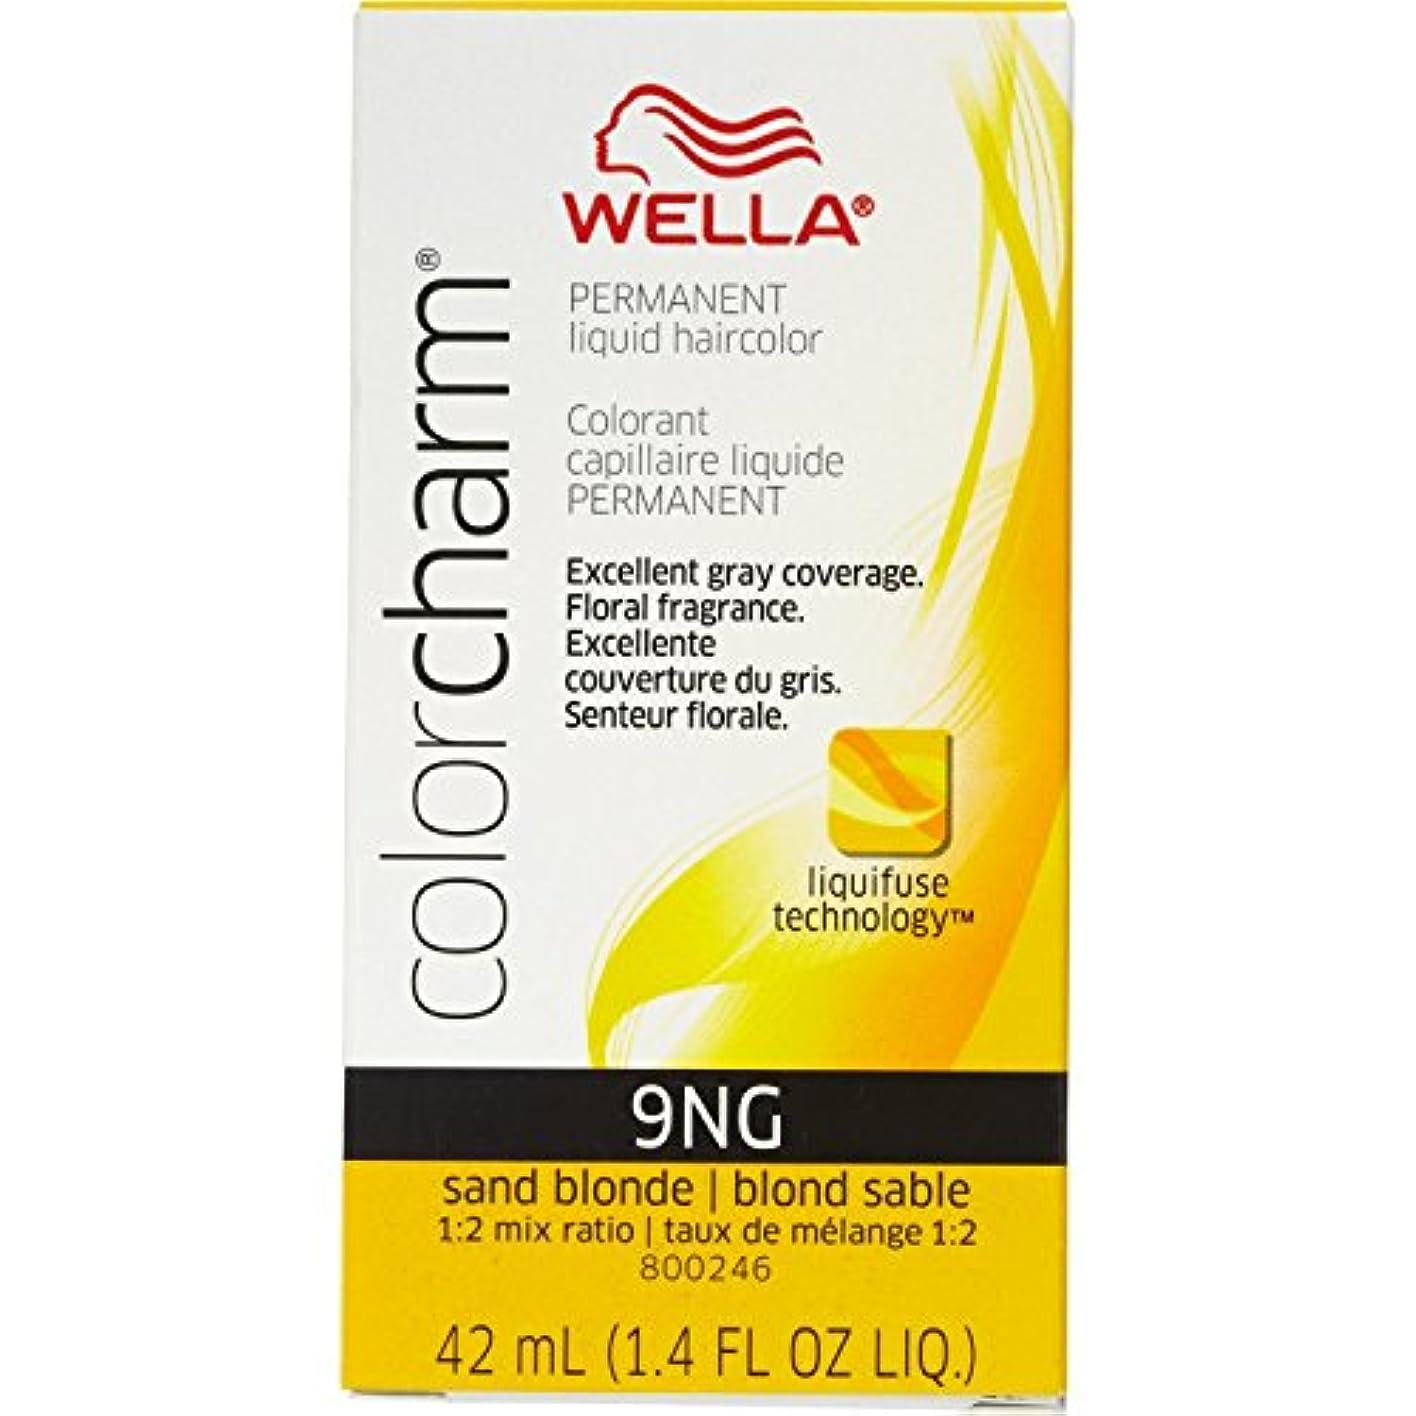 活気づける一杯に賛成Wella 砂のブロンド色のチャーム液体パーマネントヘアカラー